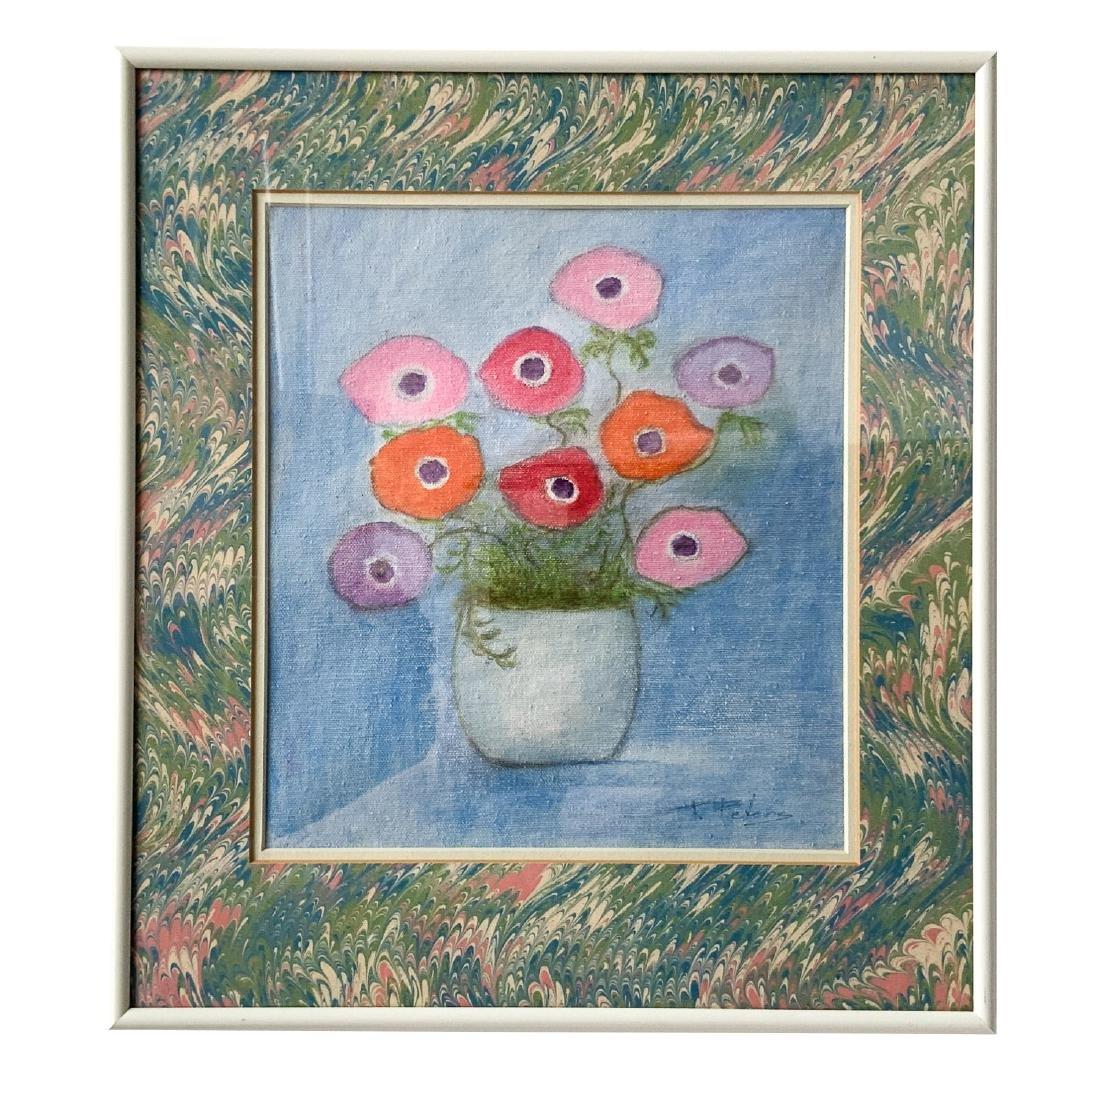 Original Signed Framed Floral Oil Painting 1978